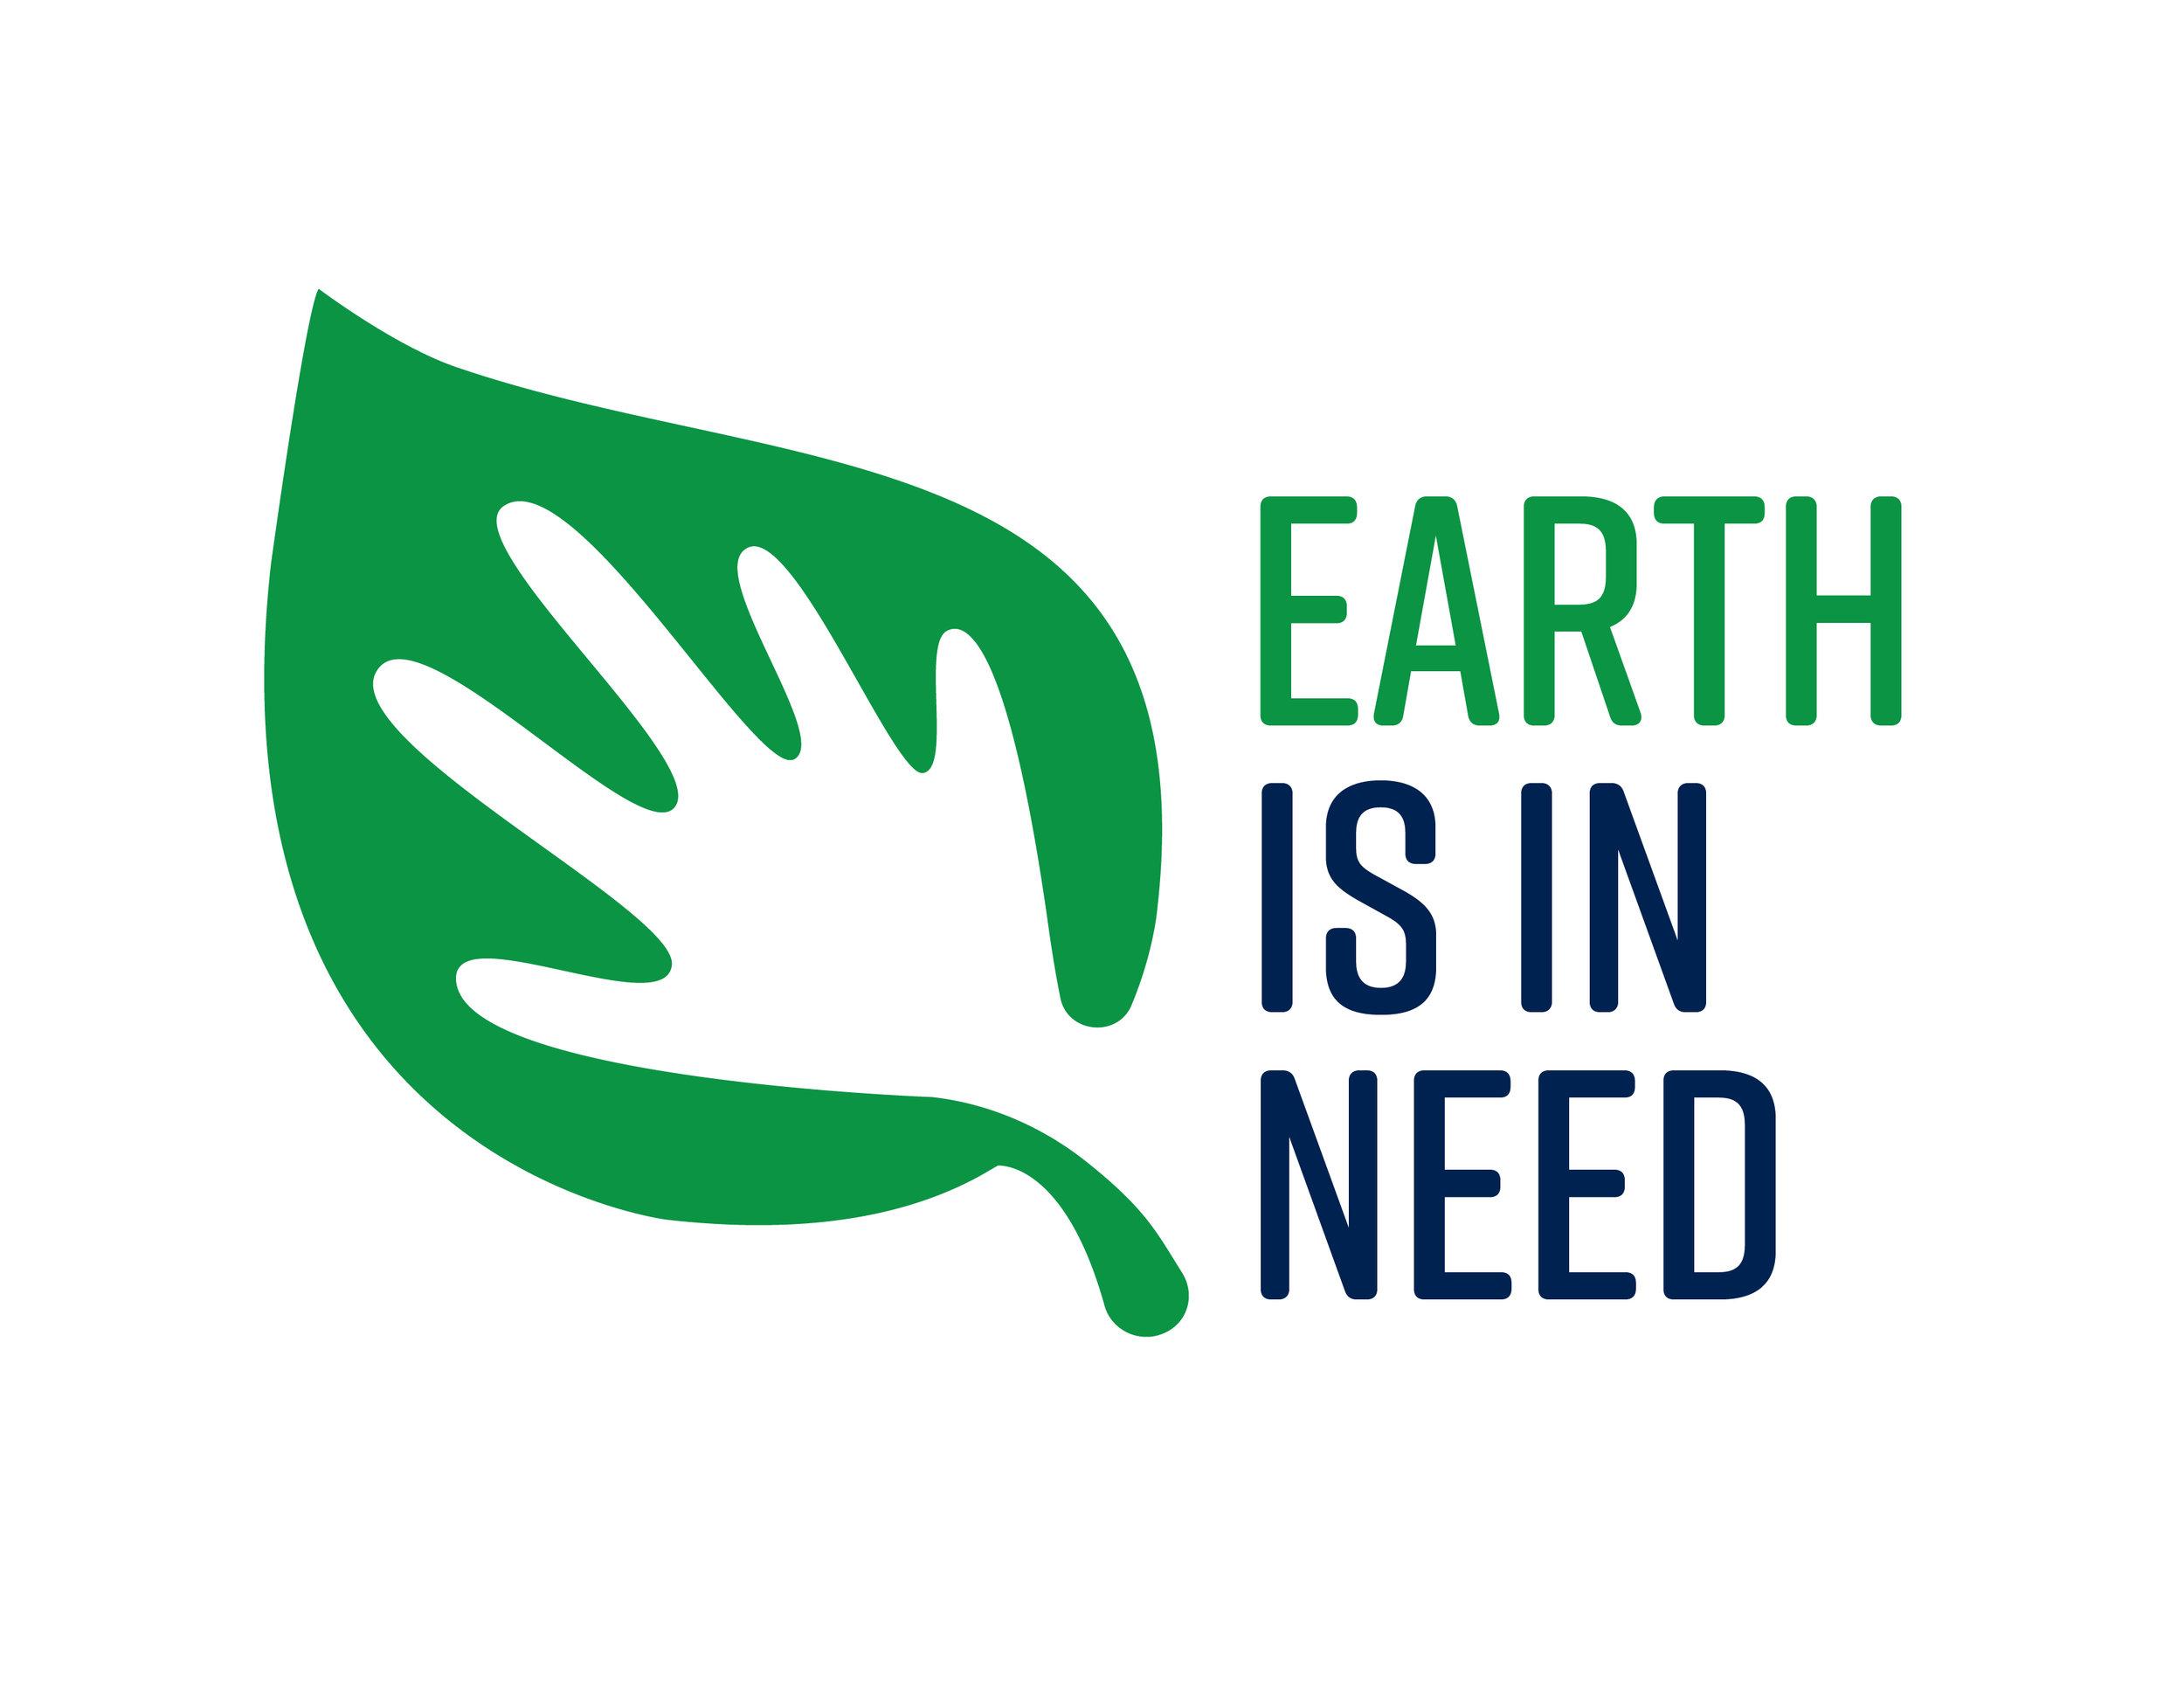 Copy of Earth is in need logo-01.jpg